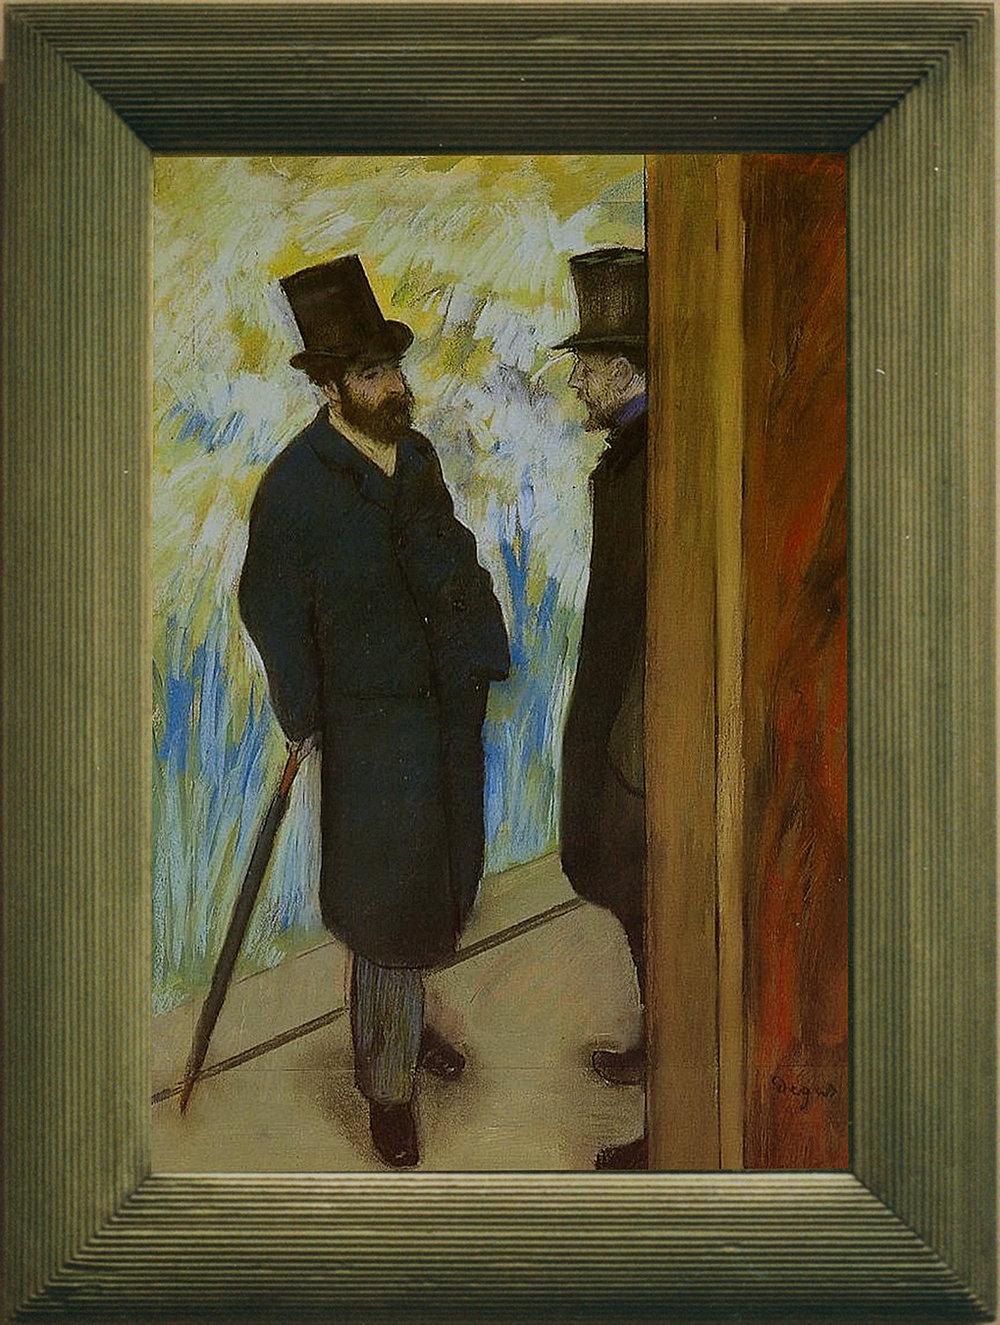 Рис.34 Эдгар Дега (1834-1917), Ludovic Halevy et Albert Boulanger-Cavé dans les coulisses de l'Opéra (Portrait d'amis sur scène), 1879